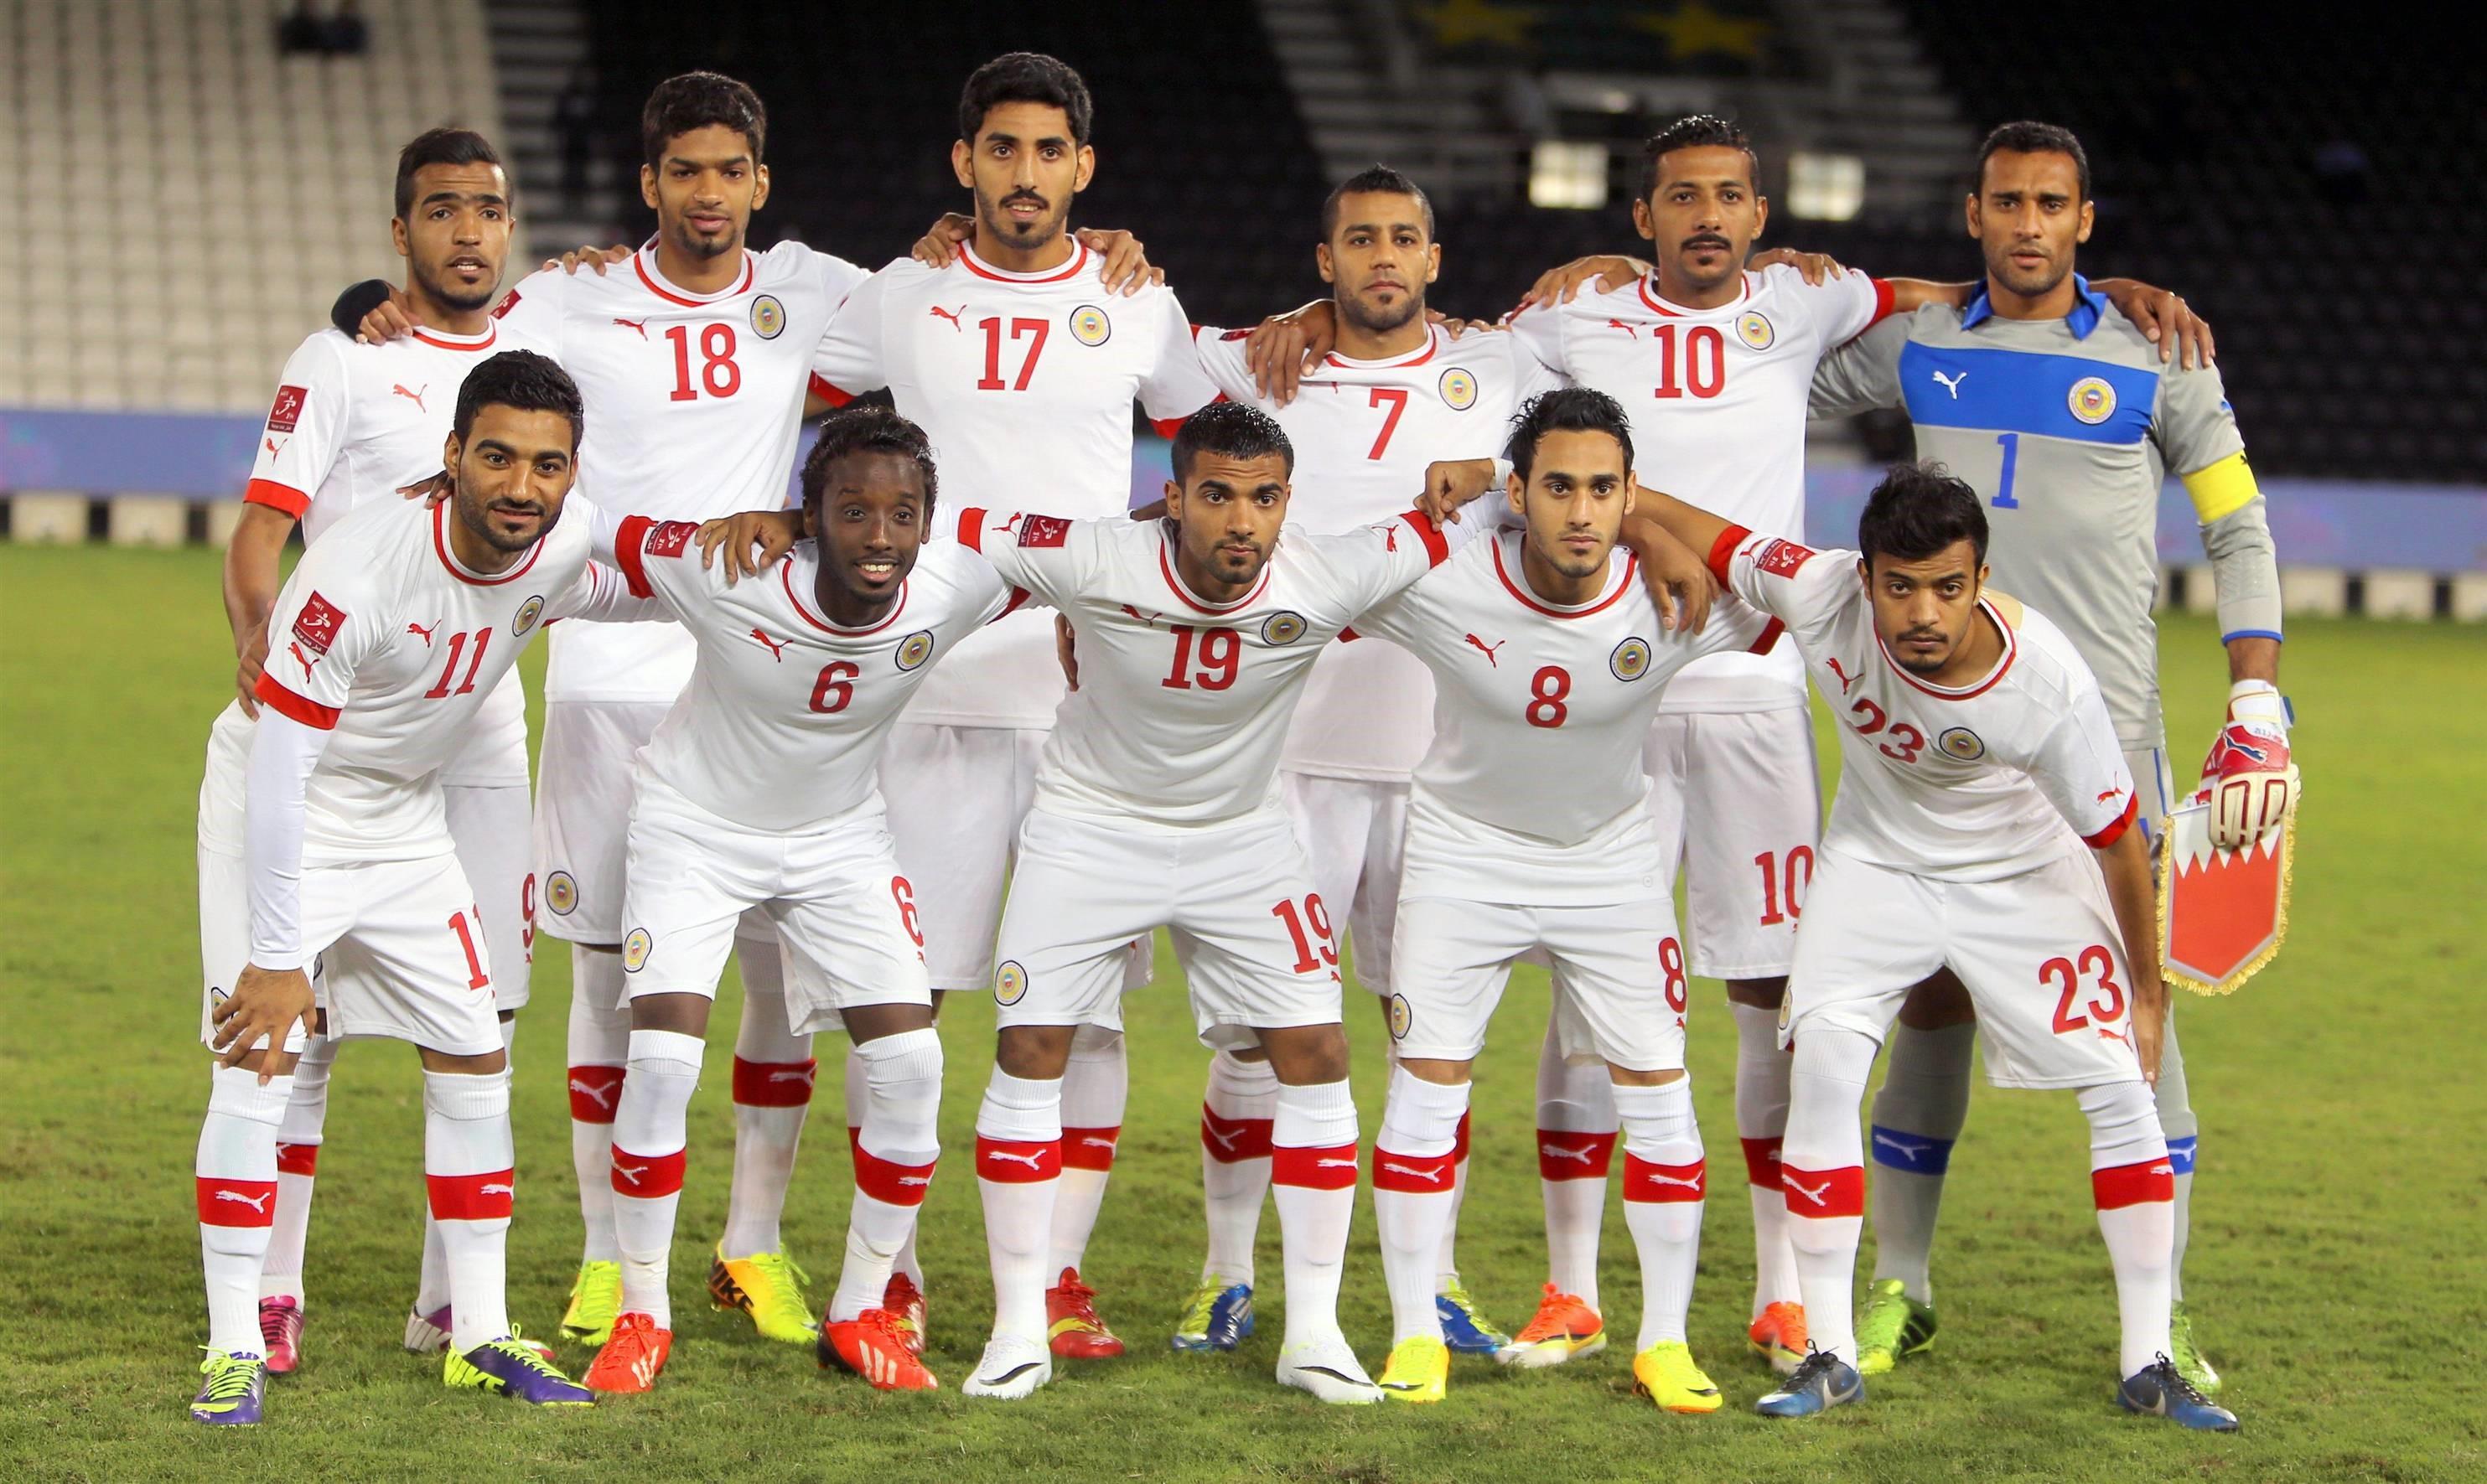 صور منتخب البحرين 7 صور منتخب البحرين خلفيات المنتخب البحريني